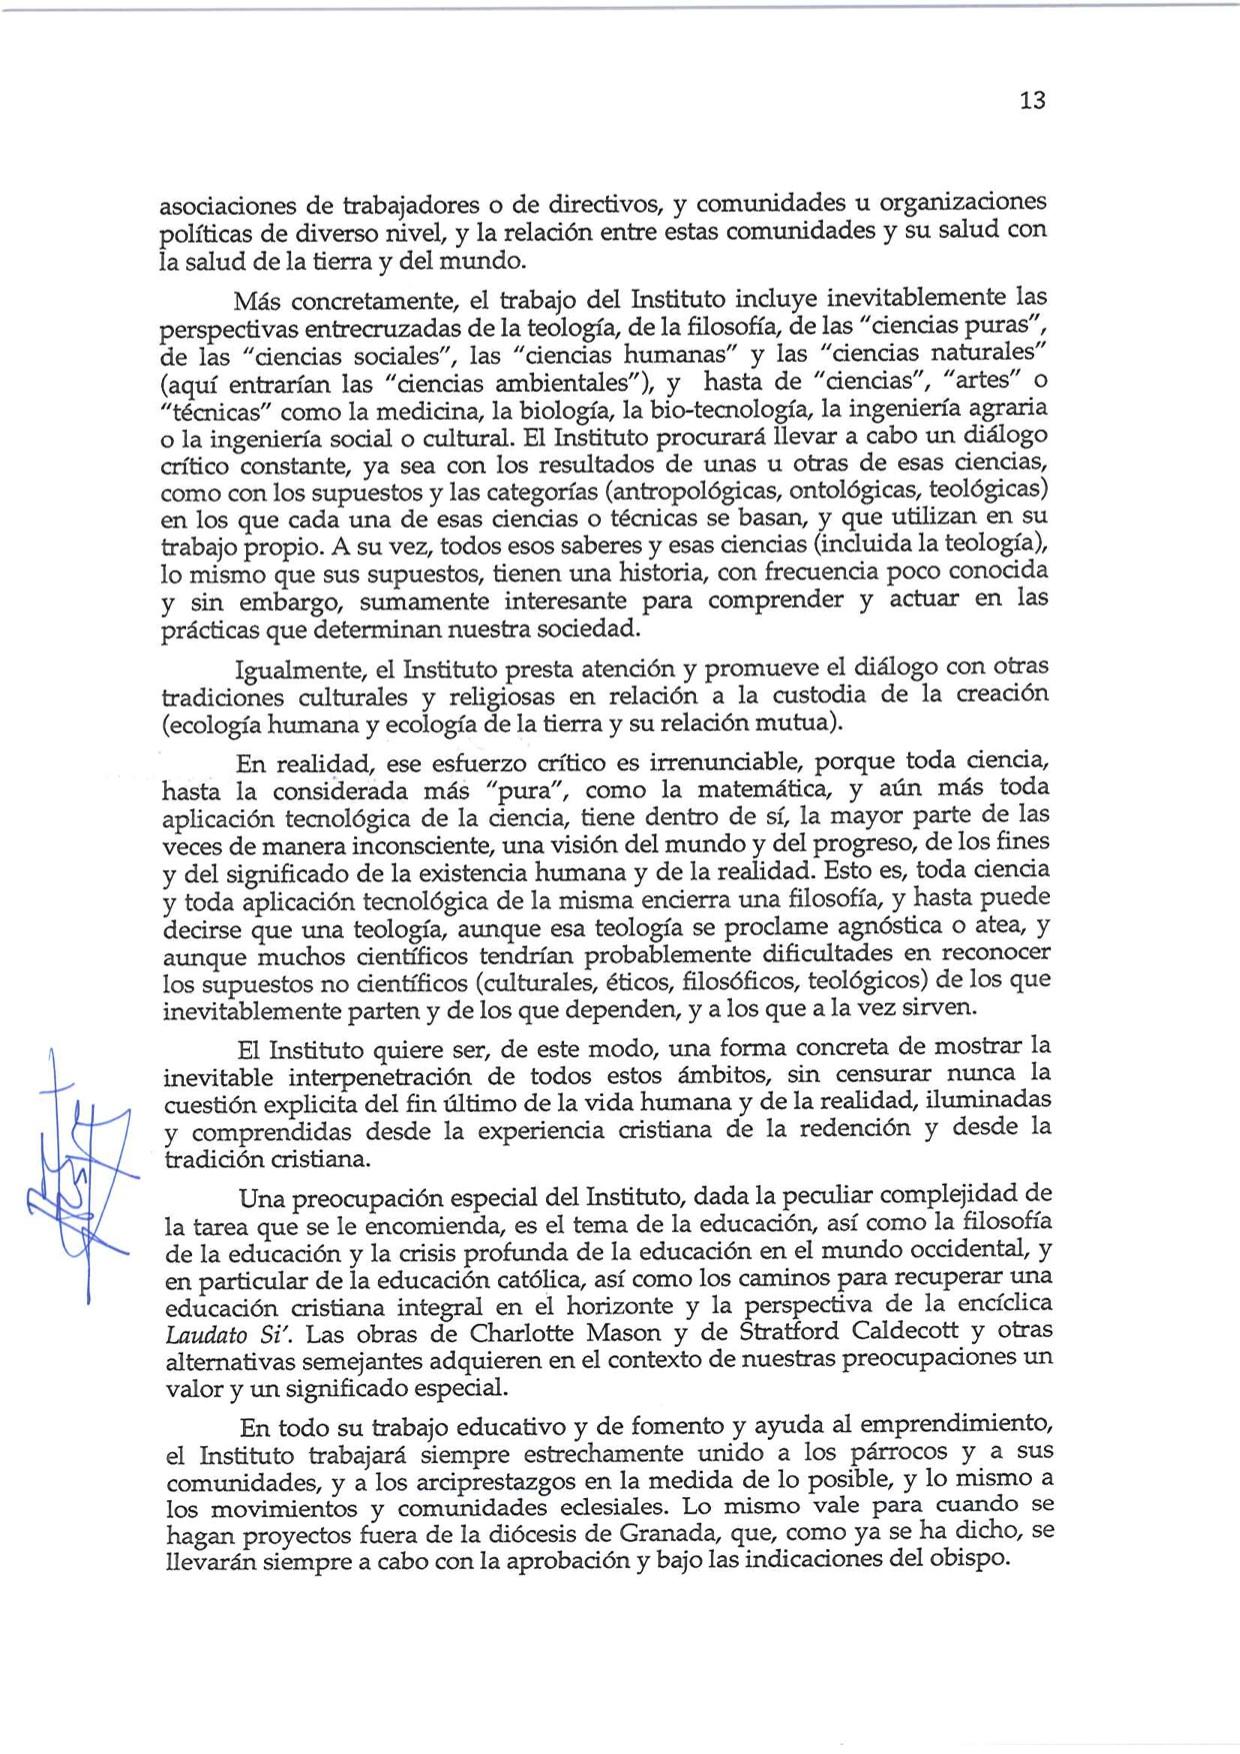 Decreto de Erección _Laudato Si_13